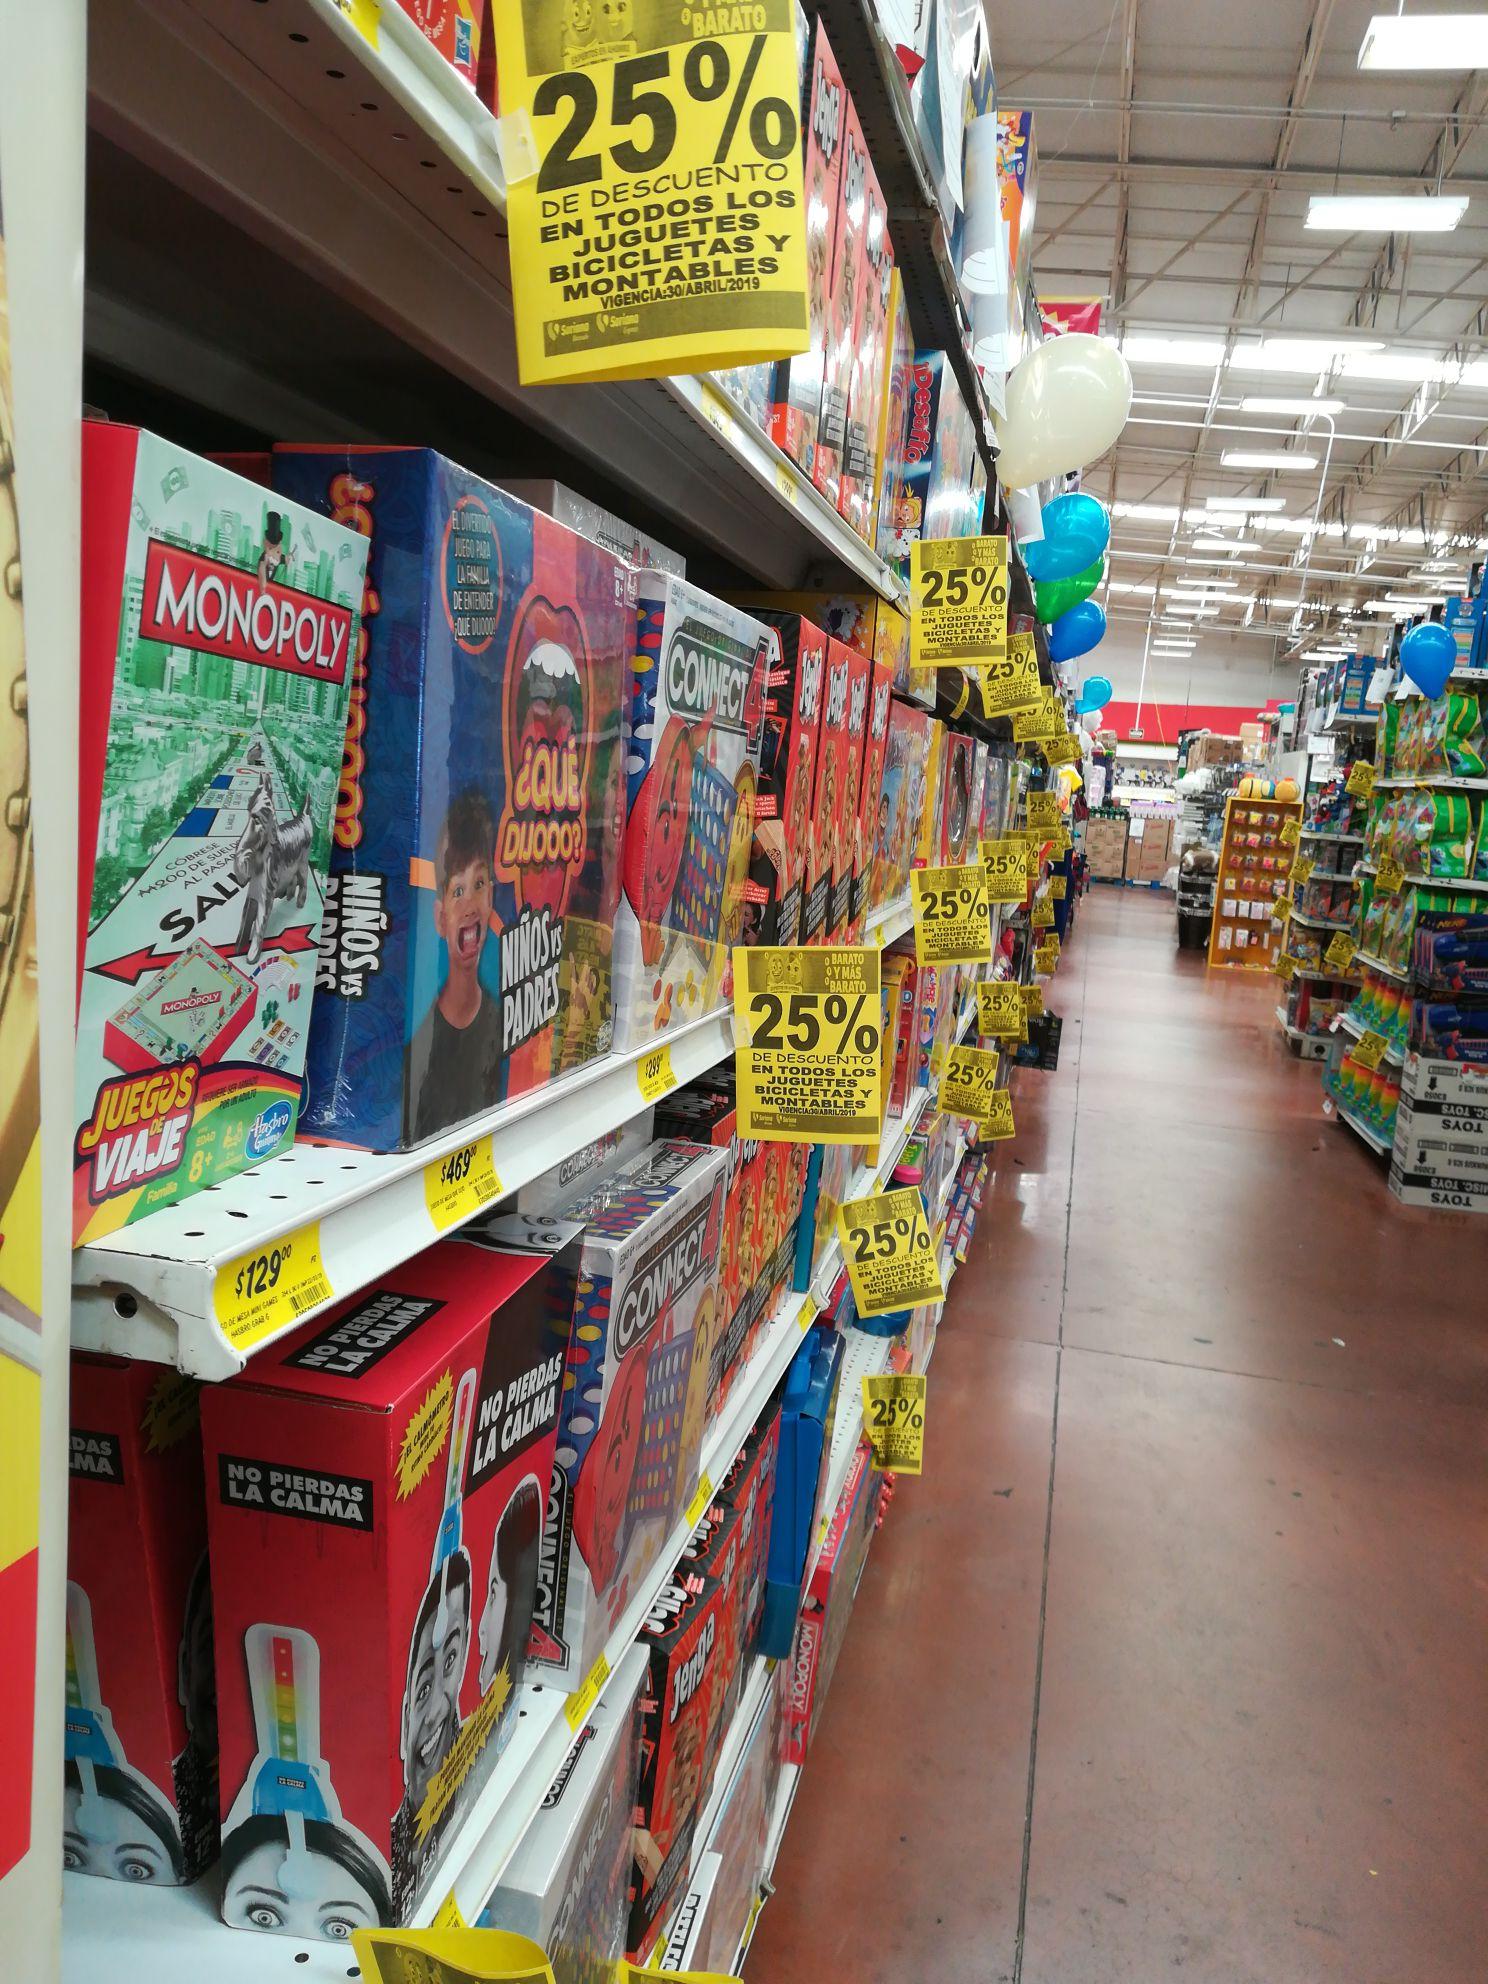 Soriana 25% de descuento en toso los juguetes y bicicletas montables